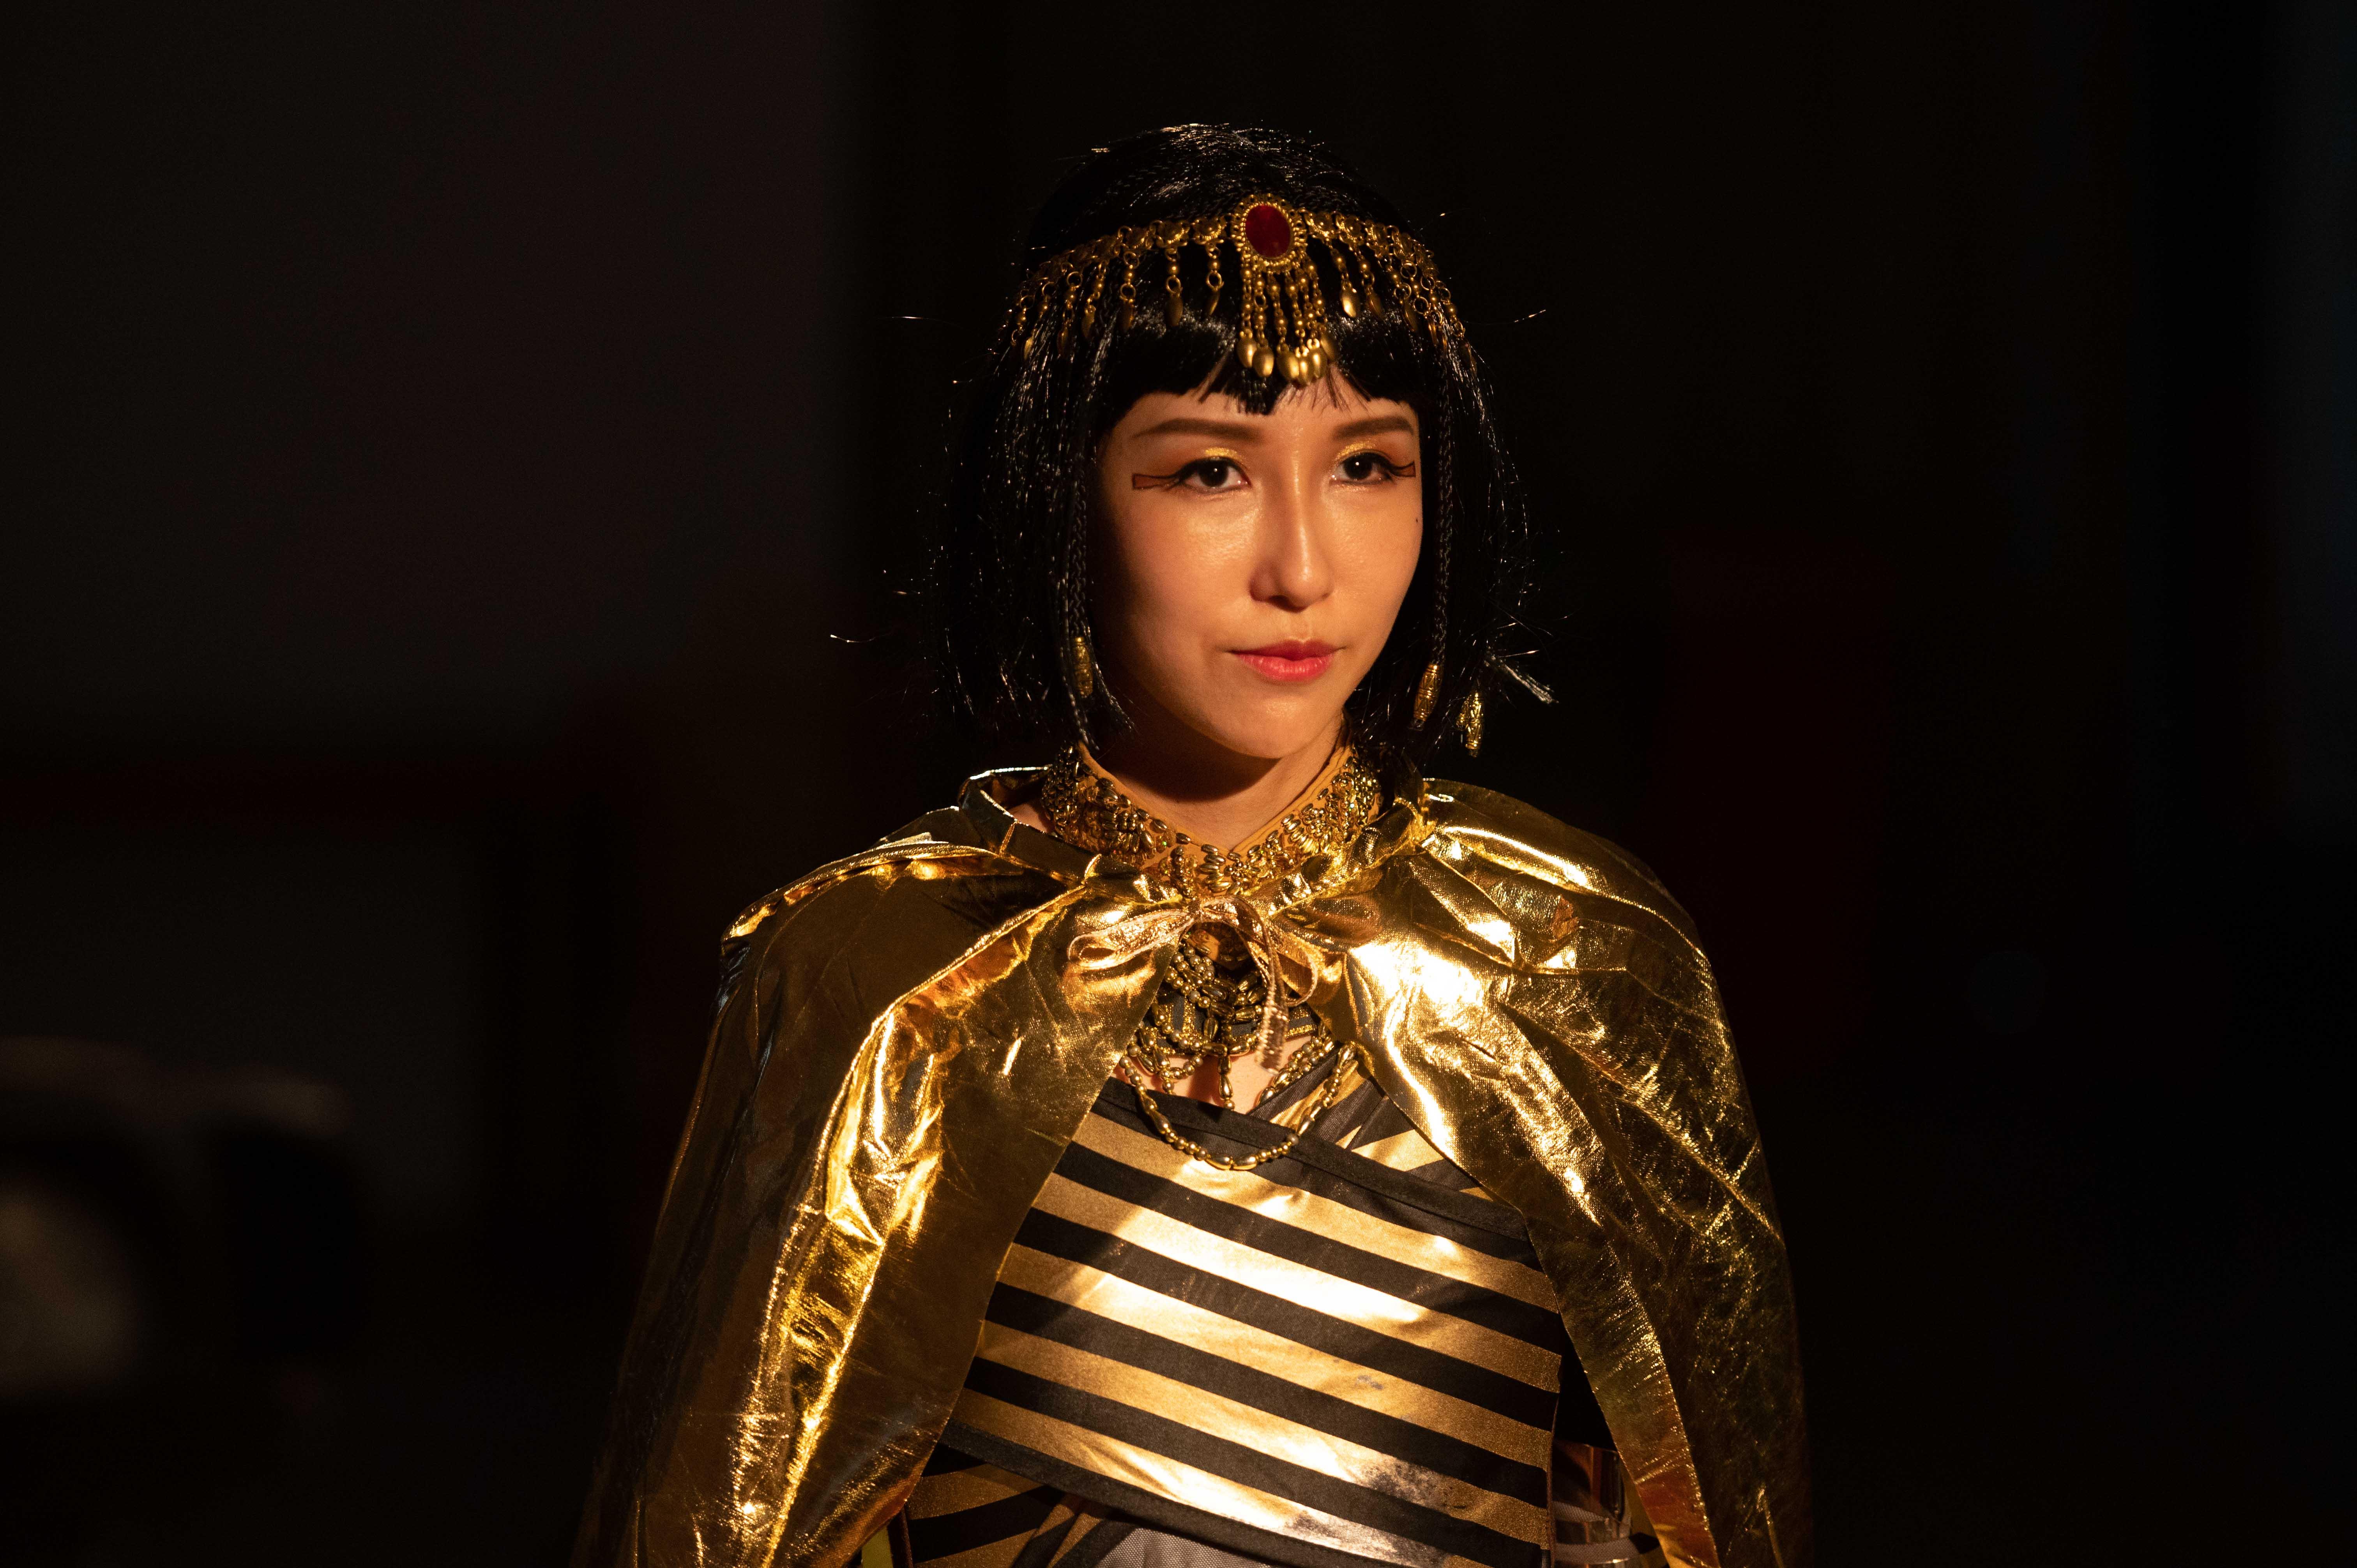 潘嘉麗在劇中為了拍廣告扮而成埃及豔后。 潘嘉麗《女力報到》化身埃及豔后 魅惑新手爸爸黃靖倫